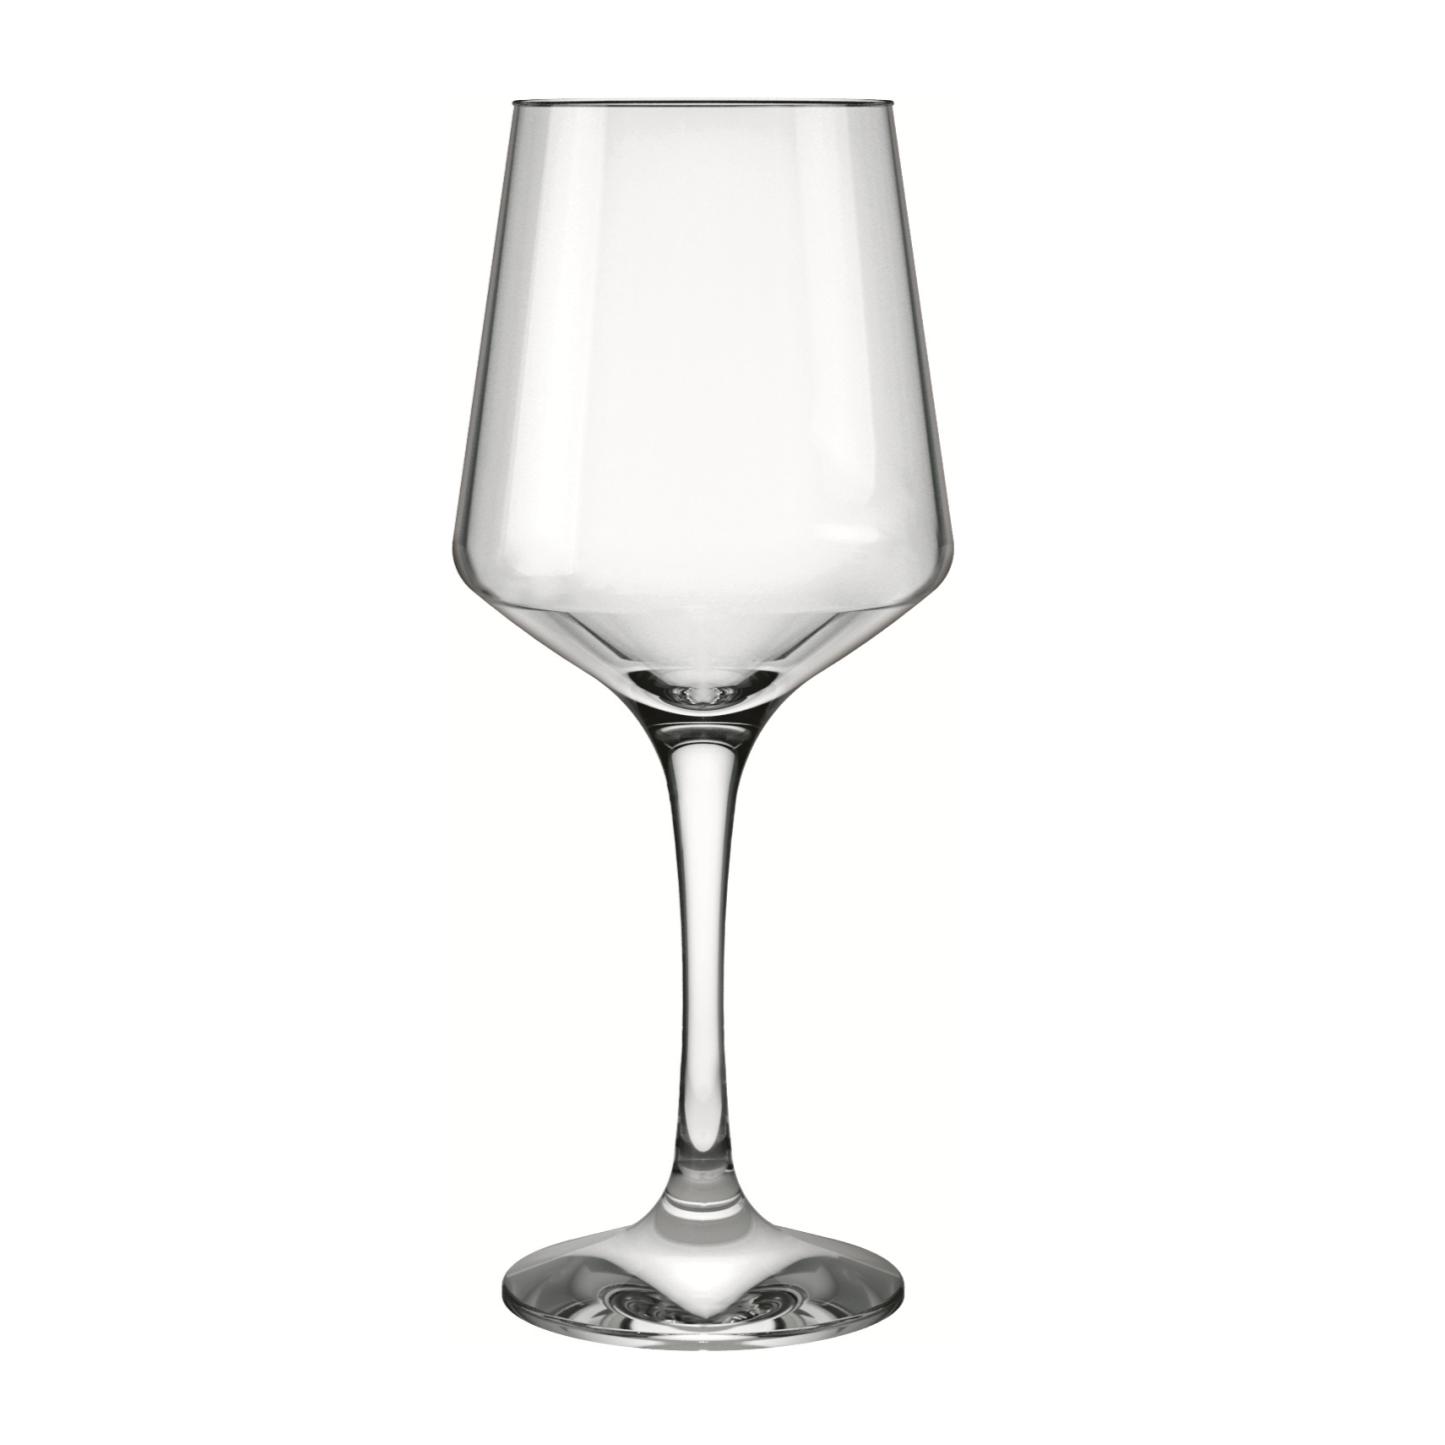 Taca de Vinho Vidro 490ml Transparente - Brunello Nadir